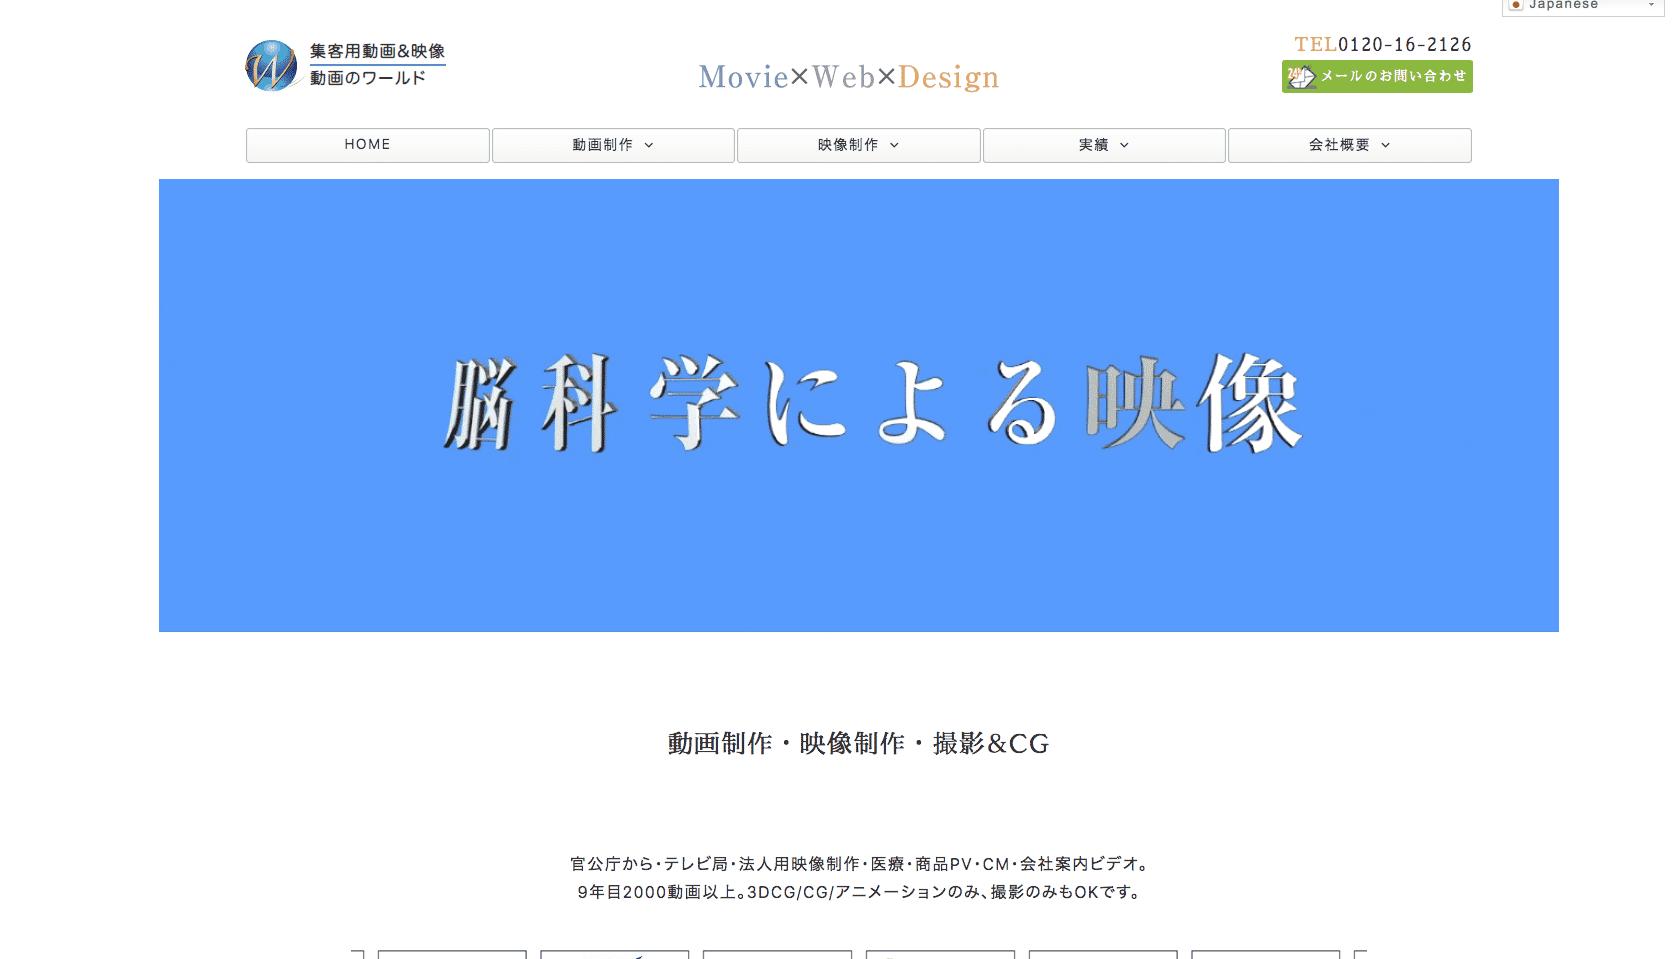 動画制作会社7:WORLD(ワールド)